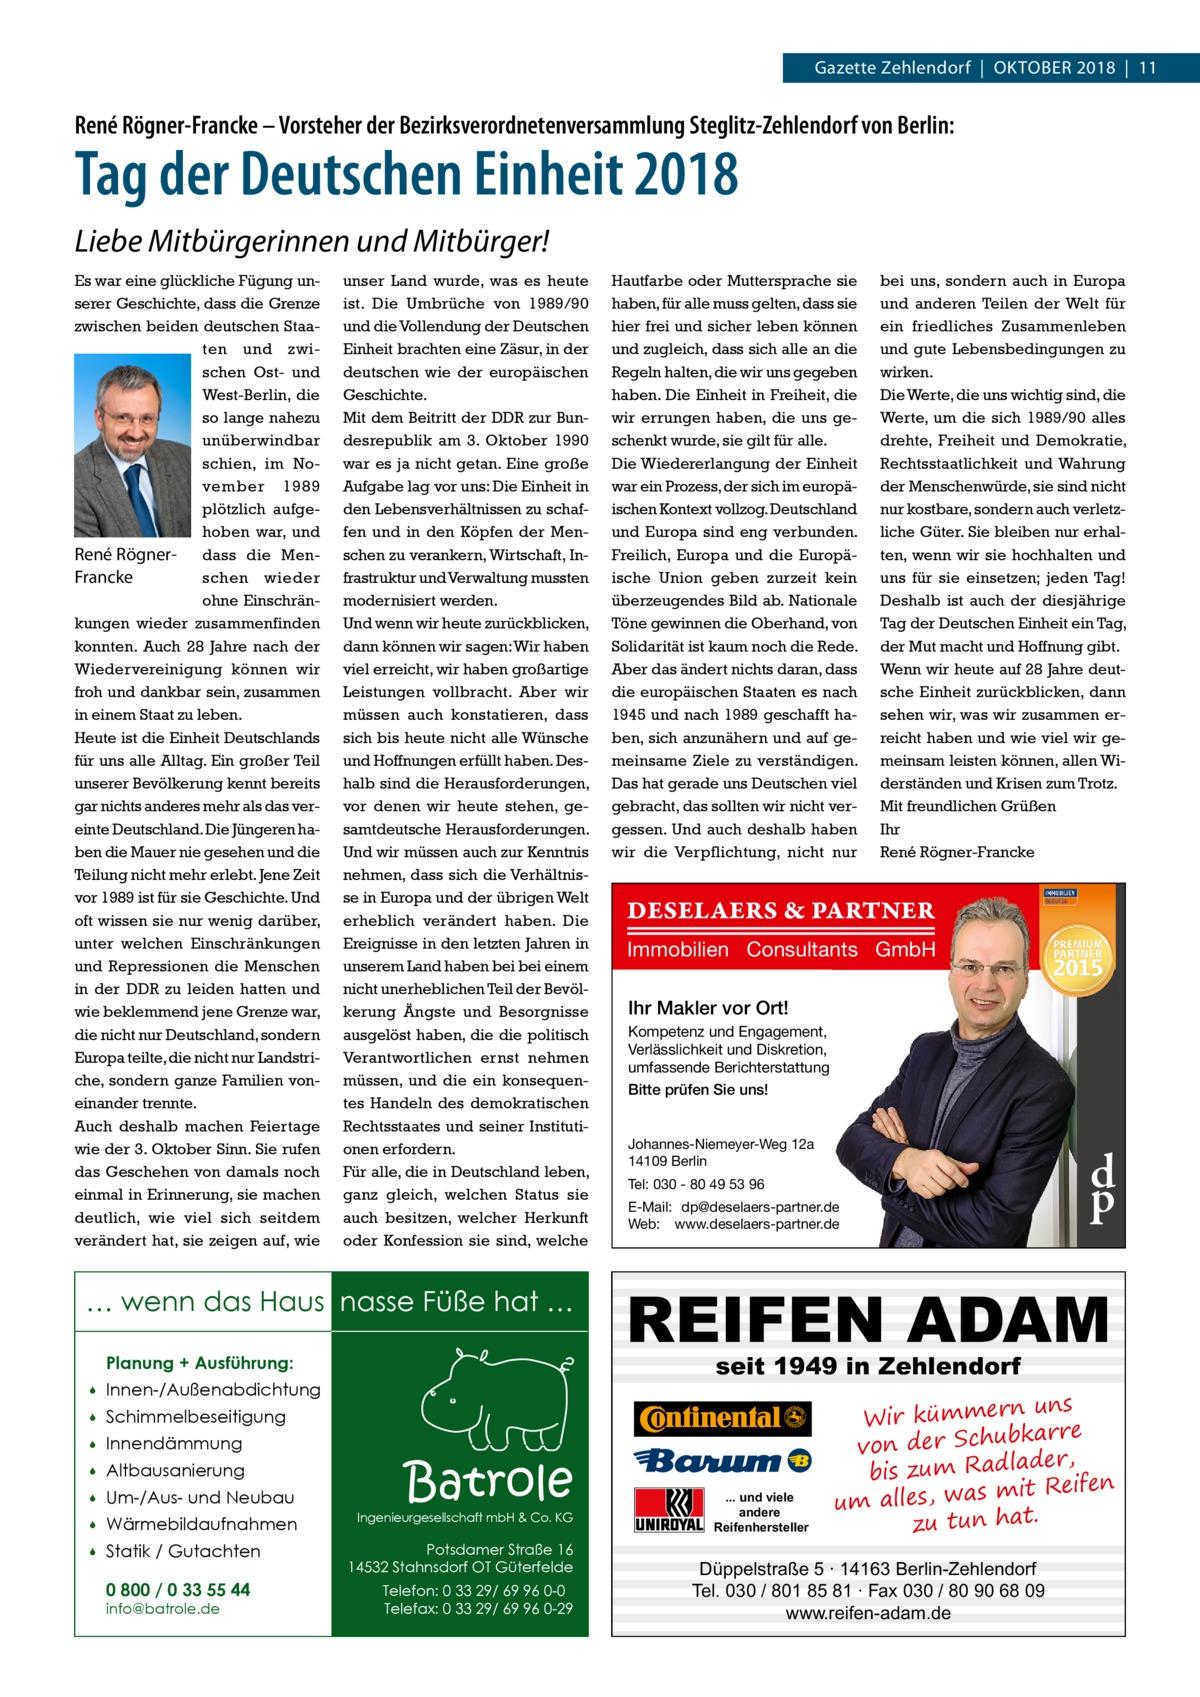 Gazette Zehlendorf|Oktober 2018|11  René Rögner-Francke – Vorsteher der Bezirksverordnetenversammlung Steglitz-Zehlendorf von Berlin:  Tag der Deutschen Einheit 2018 Liebe Mitbürgerinnen und Mitbürger! Es war eine glückliche Fügung unserer Geschichte, dass die Grenze zwischen beiden deutschen Staaten und zwischen Ost- und West-Berlin, die so lange nahezu unüberwindbar schien, im November 1989 plötzlich aufgehoben war, und René Rögner- dass die Menschen wieder Francke ohne Einschränkungen wieder zusammenfinden konnten. Auch 28Jahre nach der Wiedervereinigung können wir froh und dankbar sein, zusammen in einem Staat zu leben. Heute ist die Einheit Deutschlands für uns alle Alltag. Ein großer Teil unserer Bevölkerung kennt bereits gar nichts anderes mehr als das vereinte Deutschland. Die Jüngeren haben die Mauer nie gesehen und die Teilung nicht mehr erlebt. Jene Zeit vor 1989 ist für sie Geschichte. Und oft wissen sie nur wenig darüber, unter welchen Einschränkungen und Repressionen die Menschen in der DDR zu leiden hatten und wie beklemmend jene Grenze war, die nicht nur Deutschland, sondern Europa teilte, die nicht nur Landstriche, sondern ganze Familien voneinander trennte. Auch deshalb machen Feiertage wie der 3.Oktober Sinn. Sie rufen das Geschehen von damals noch einmal in Erinnerung, sie machen deutlich, wie viel sich seitdem verändert hat, sie zeigen auf, wie  unser Land wurde, was es heute ist. Die Umbrüche von 1989/90 und die Vollendung der Deutschen Einheit brachten eine Zäsur, in der deutschen wie der europäischen Geschichte. Mit dem Beitritt der DDR zur Bundesrepublik am 3.Oktober 1990 war es ja nicht getan. Eine große Aufgabe lag vor uns: Die Einheit in den Lebensverhältnissen zu schaffen und in den Köpfen der Menschen zu verankern, Wirtschaft, Infrastruktur und Verwaltung mussten modernisiert werden. Und wenn wir heute zurückblicken, dann können wir sagen: Wir haben viel erreicht, wir haben großartige Leistungen vollbracht. Aber wir müssen auch konstati